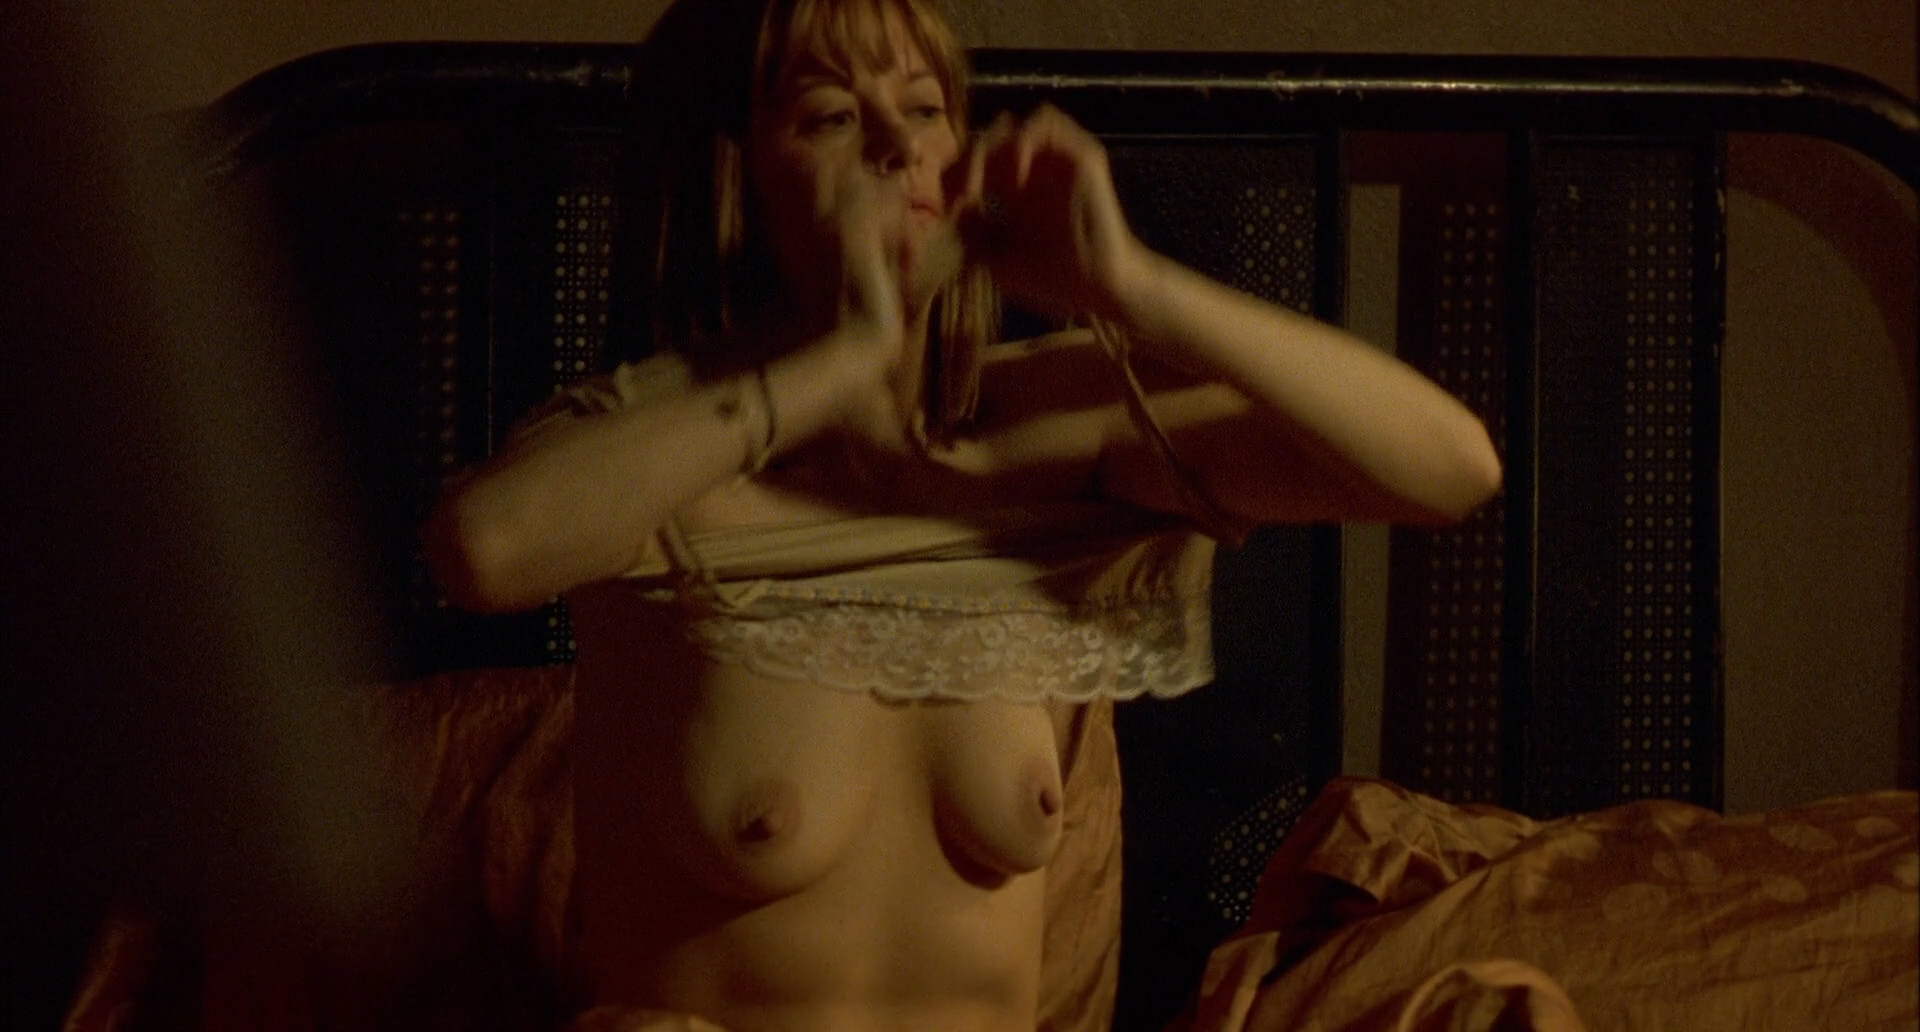 meg ryan topless